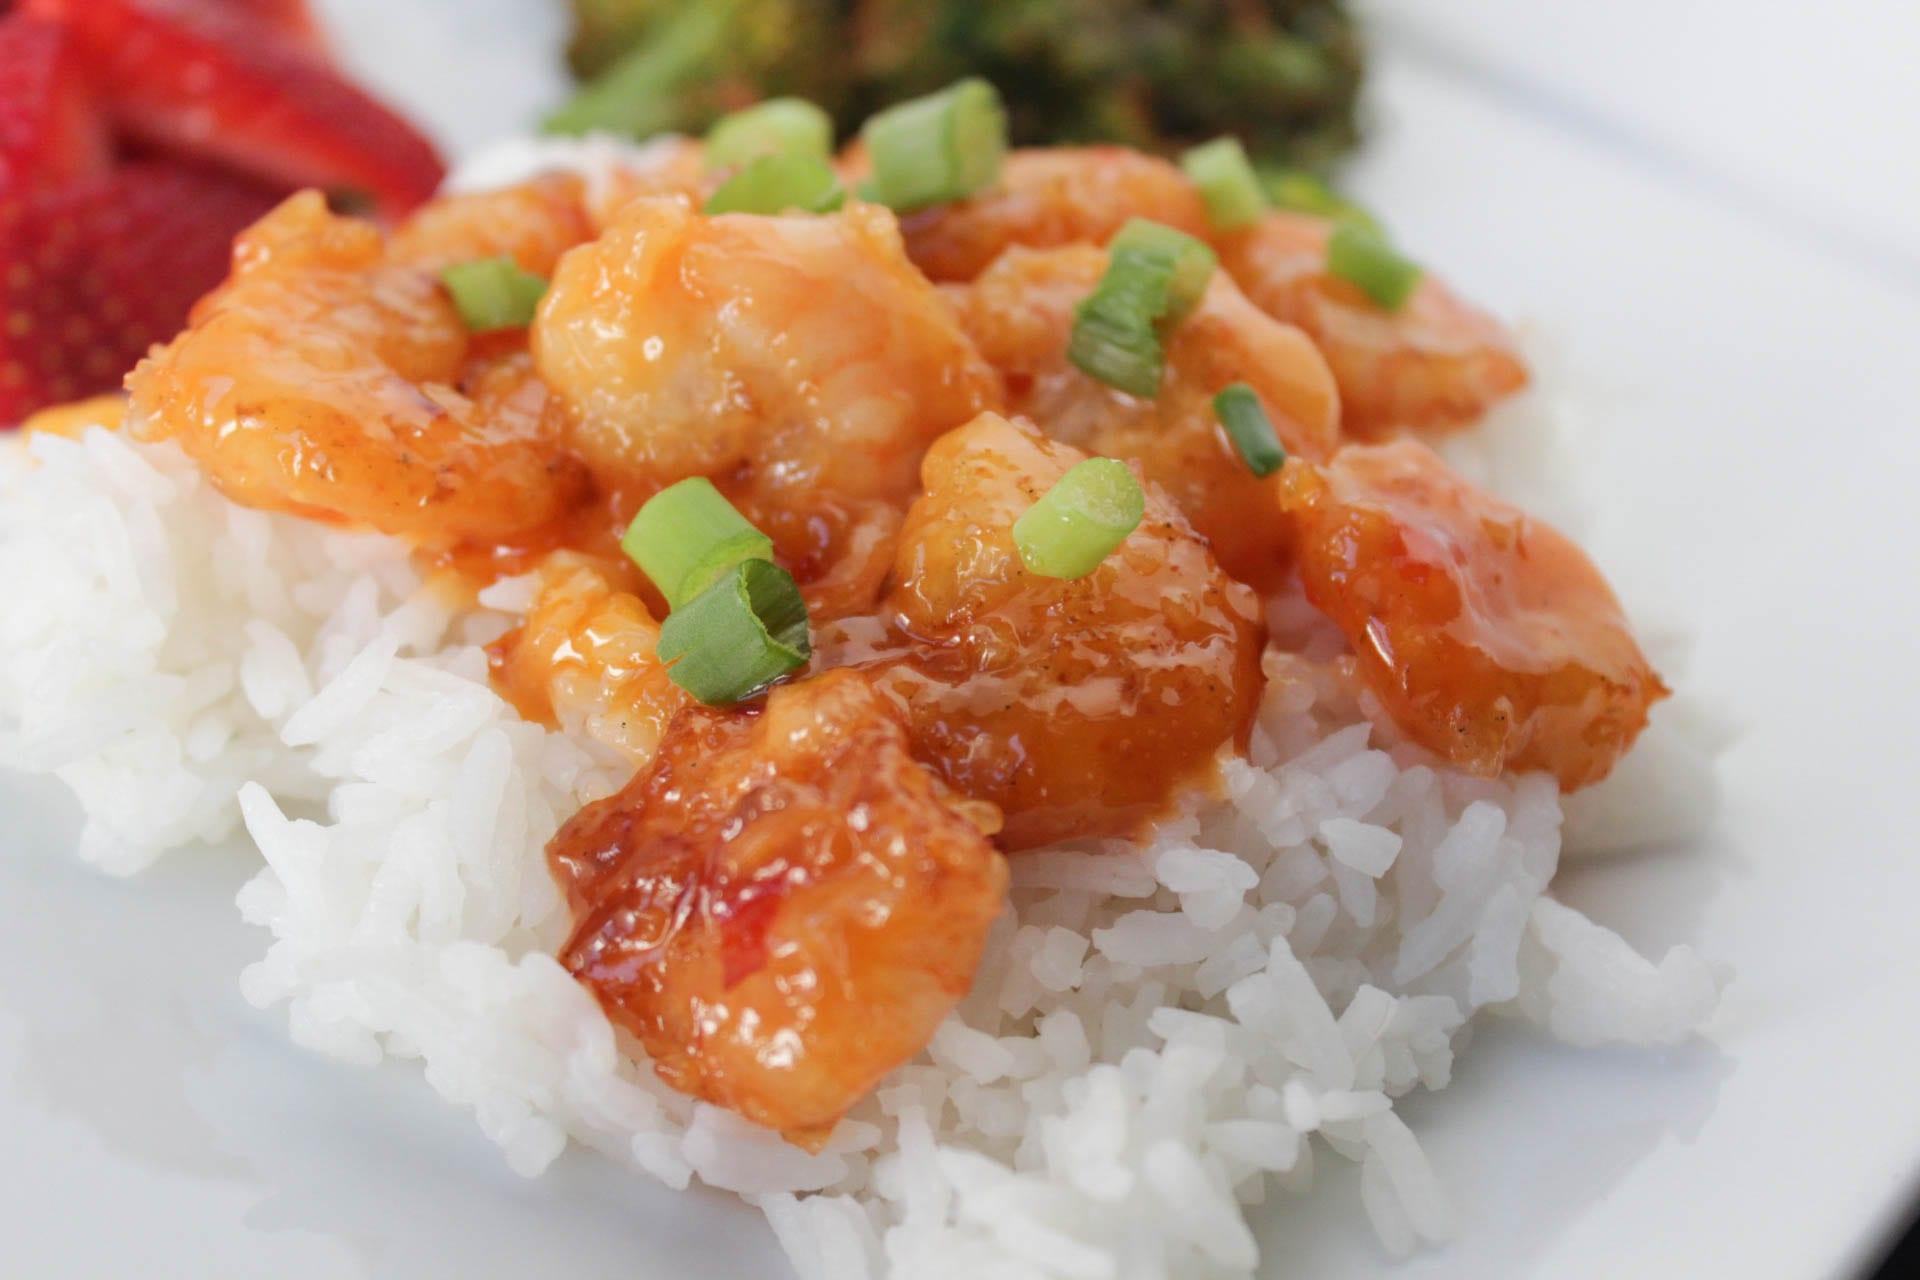 Bang Bang Shrimp plated